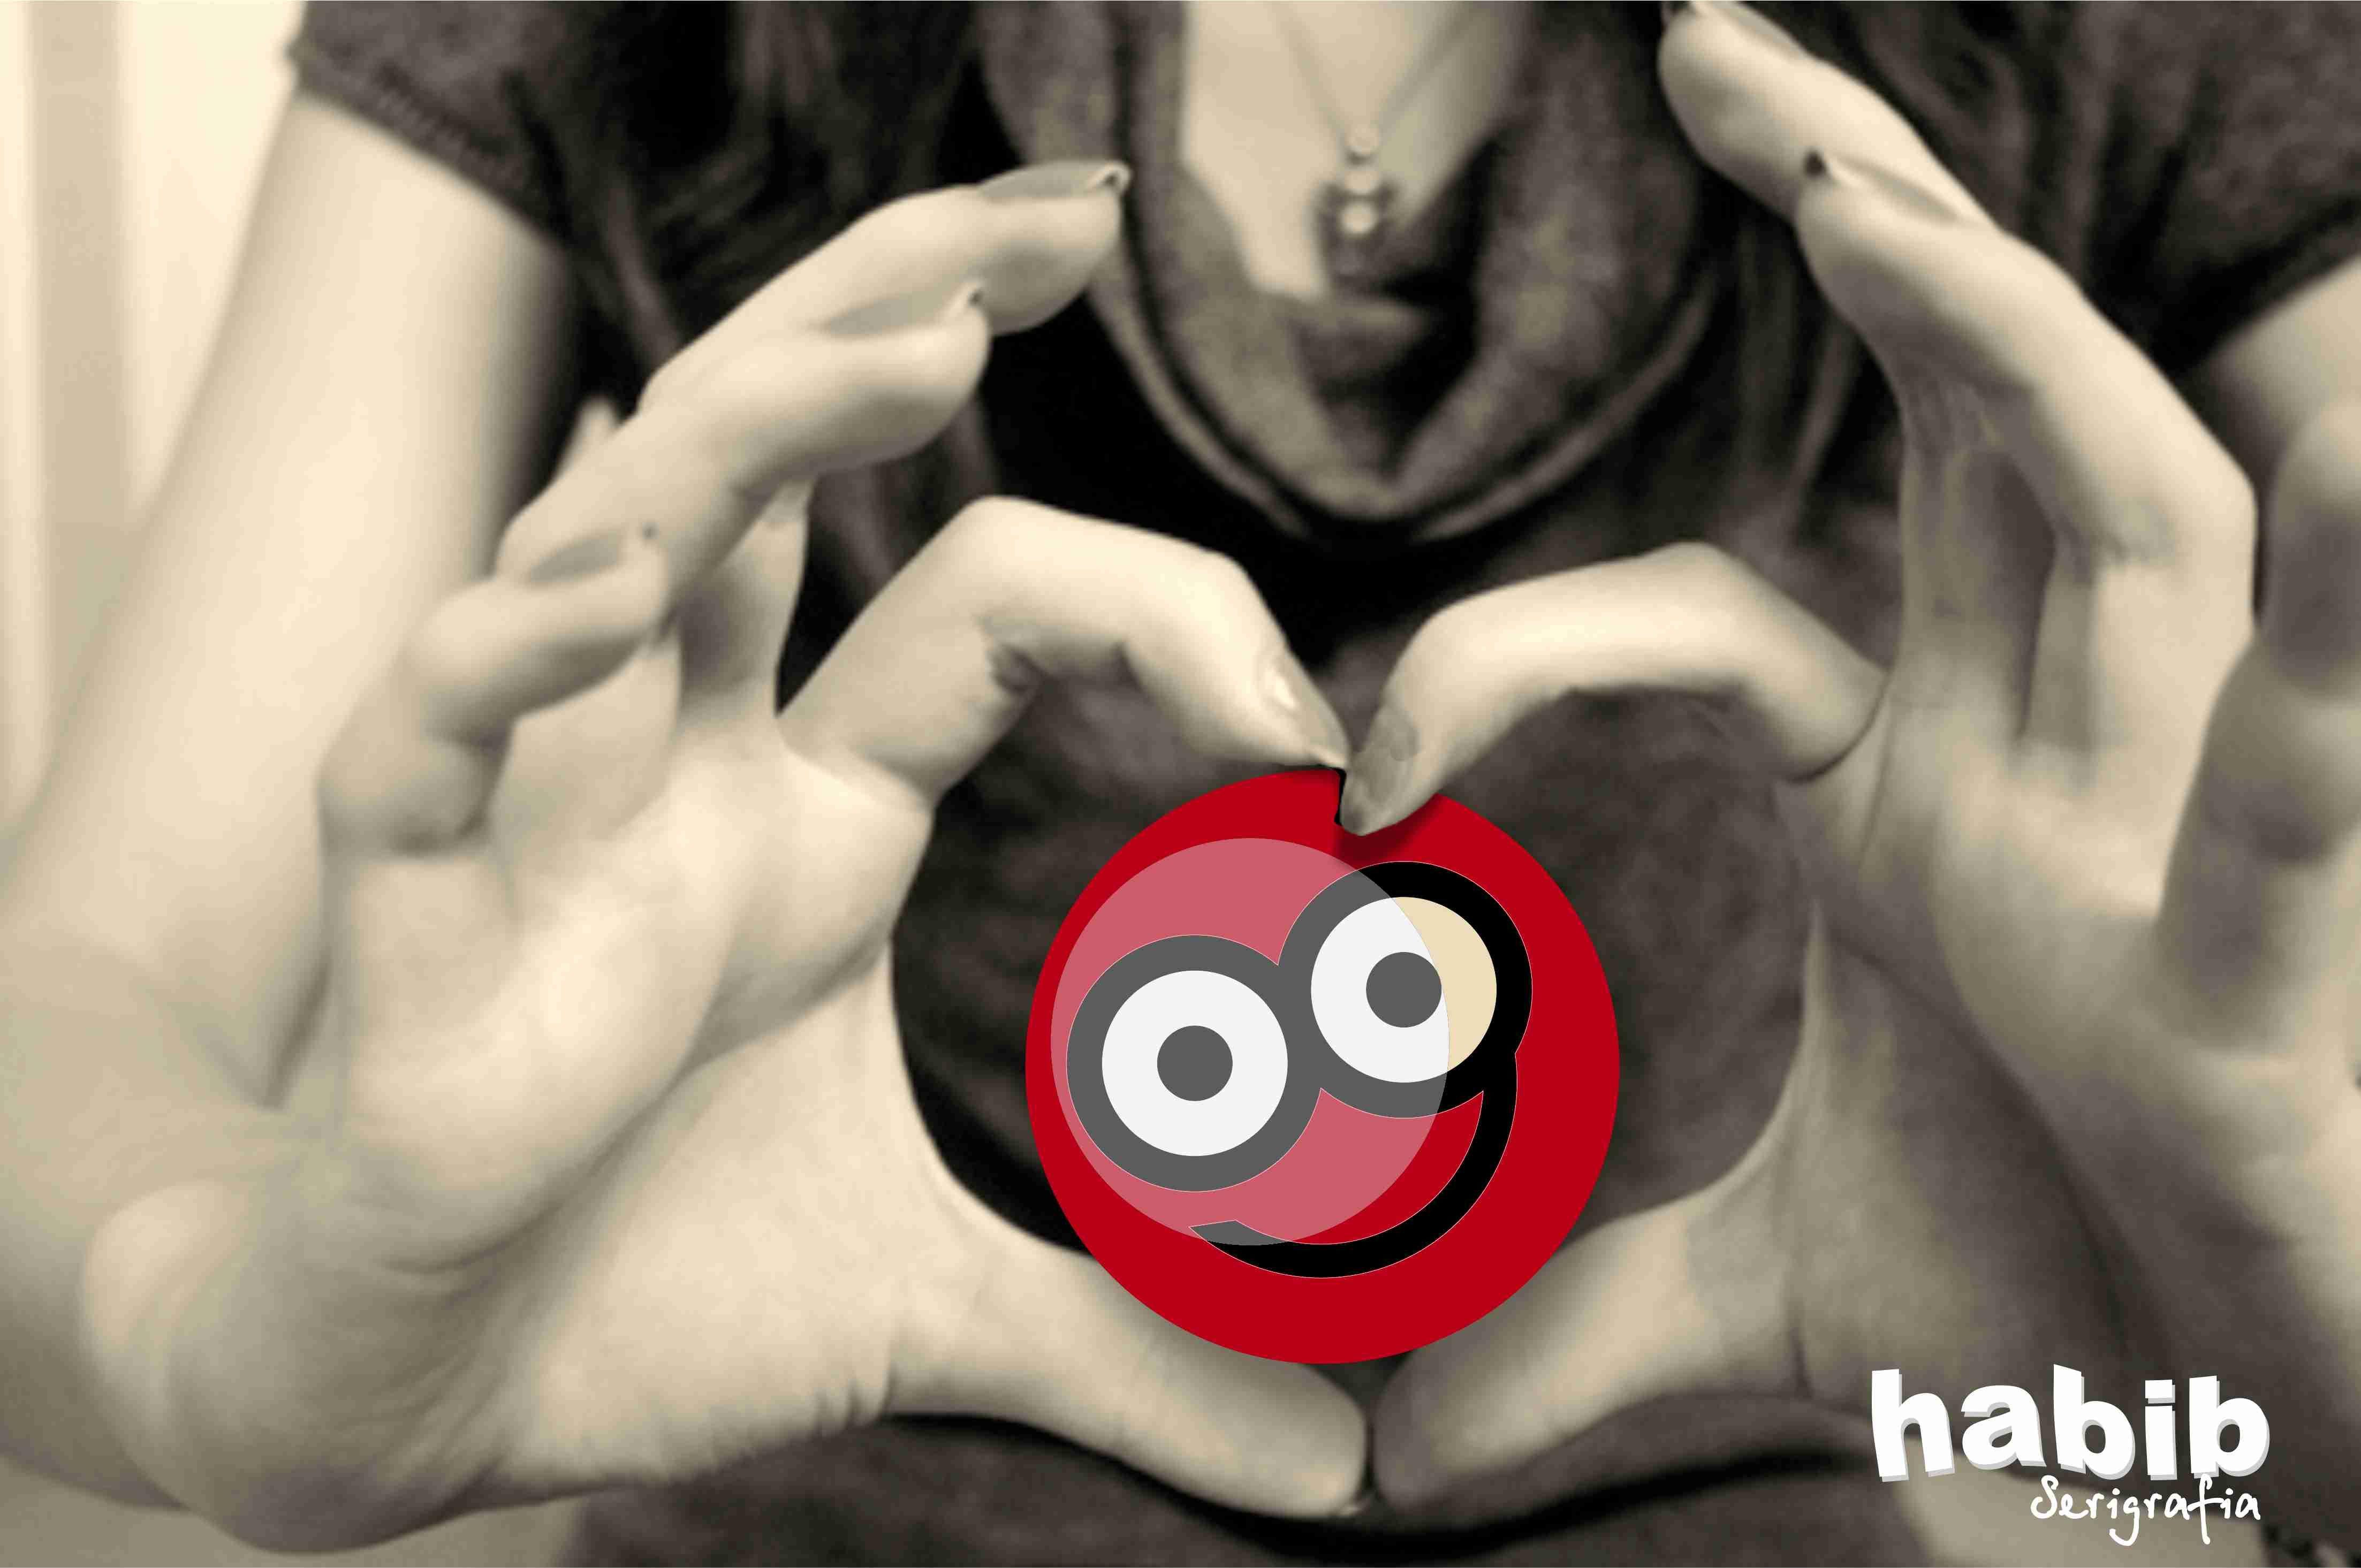 I like Habib